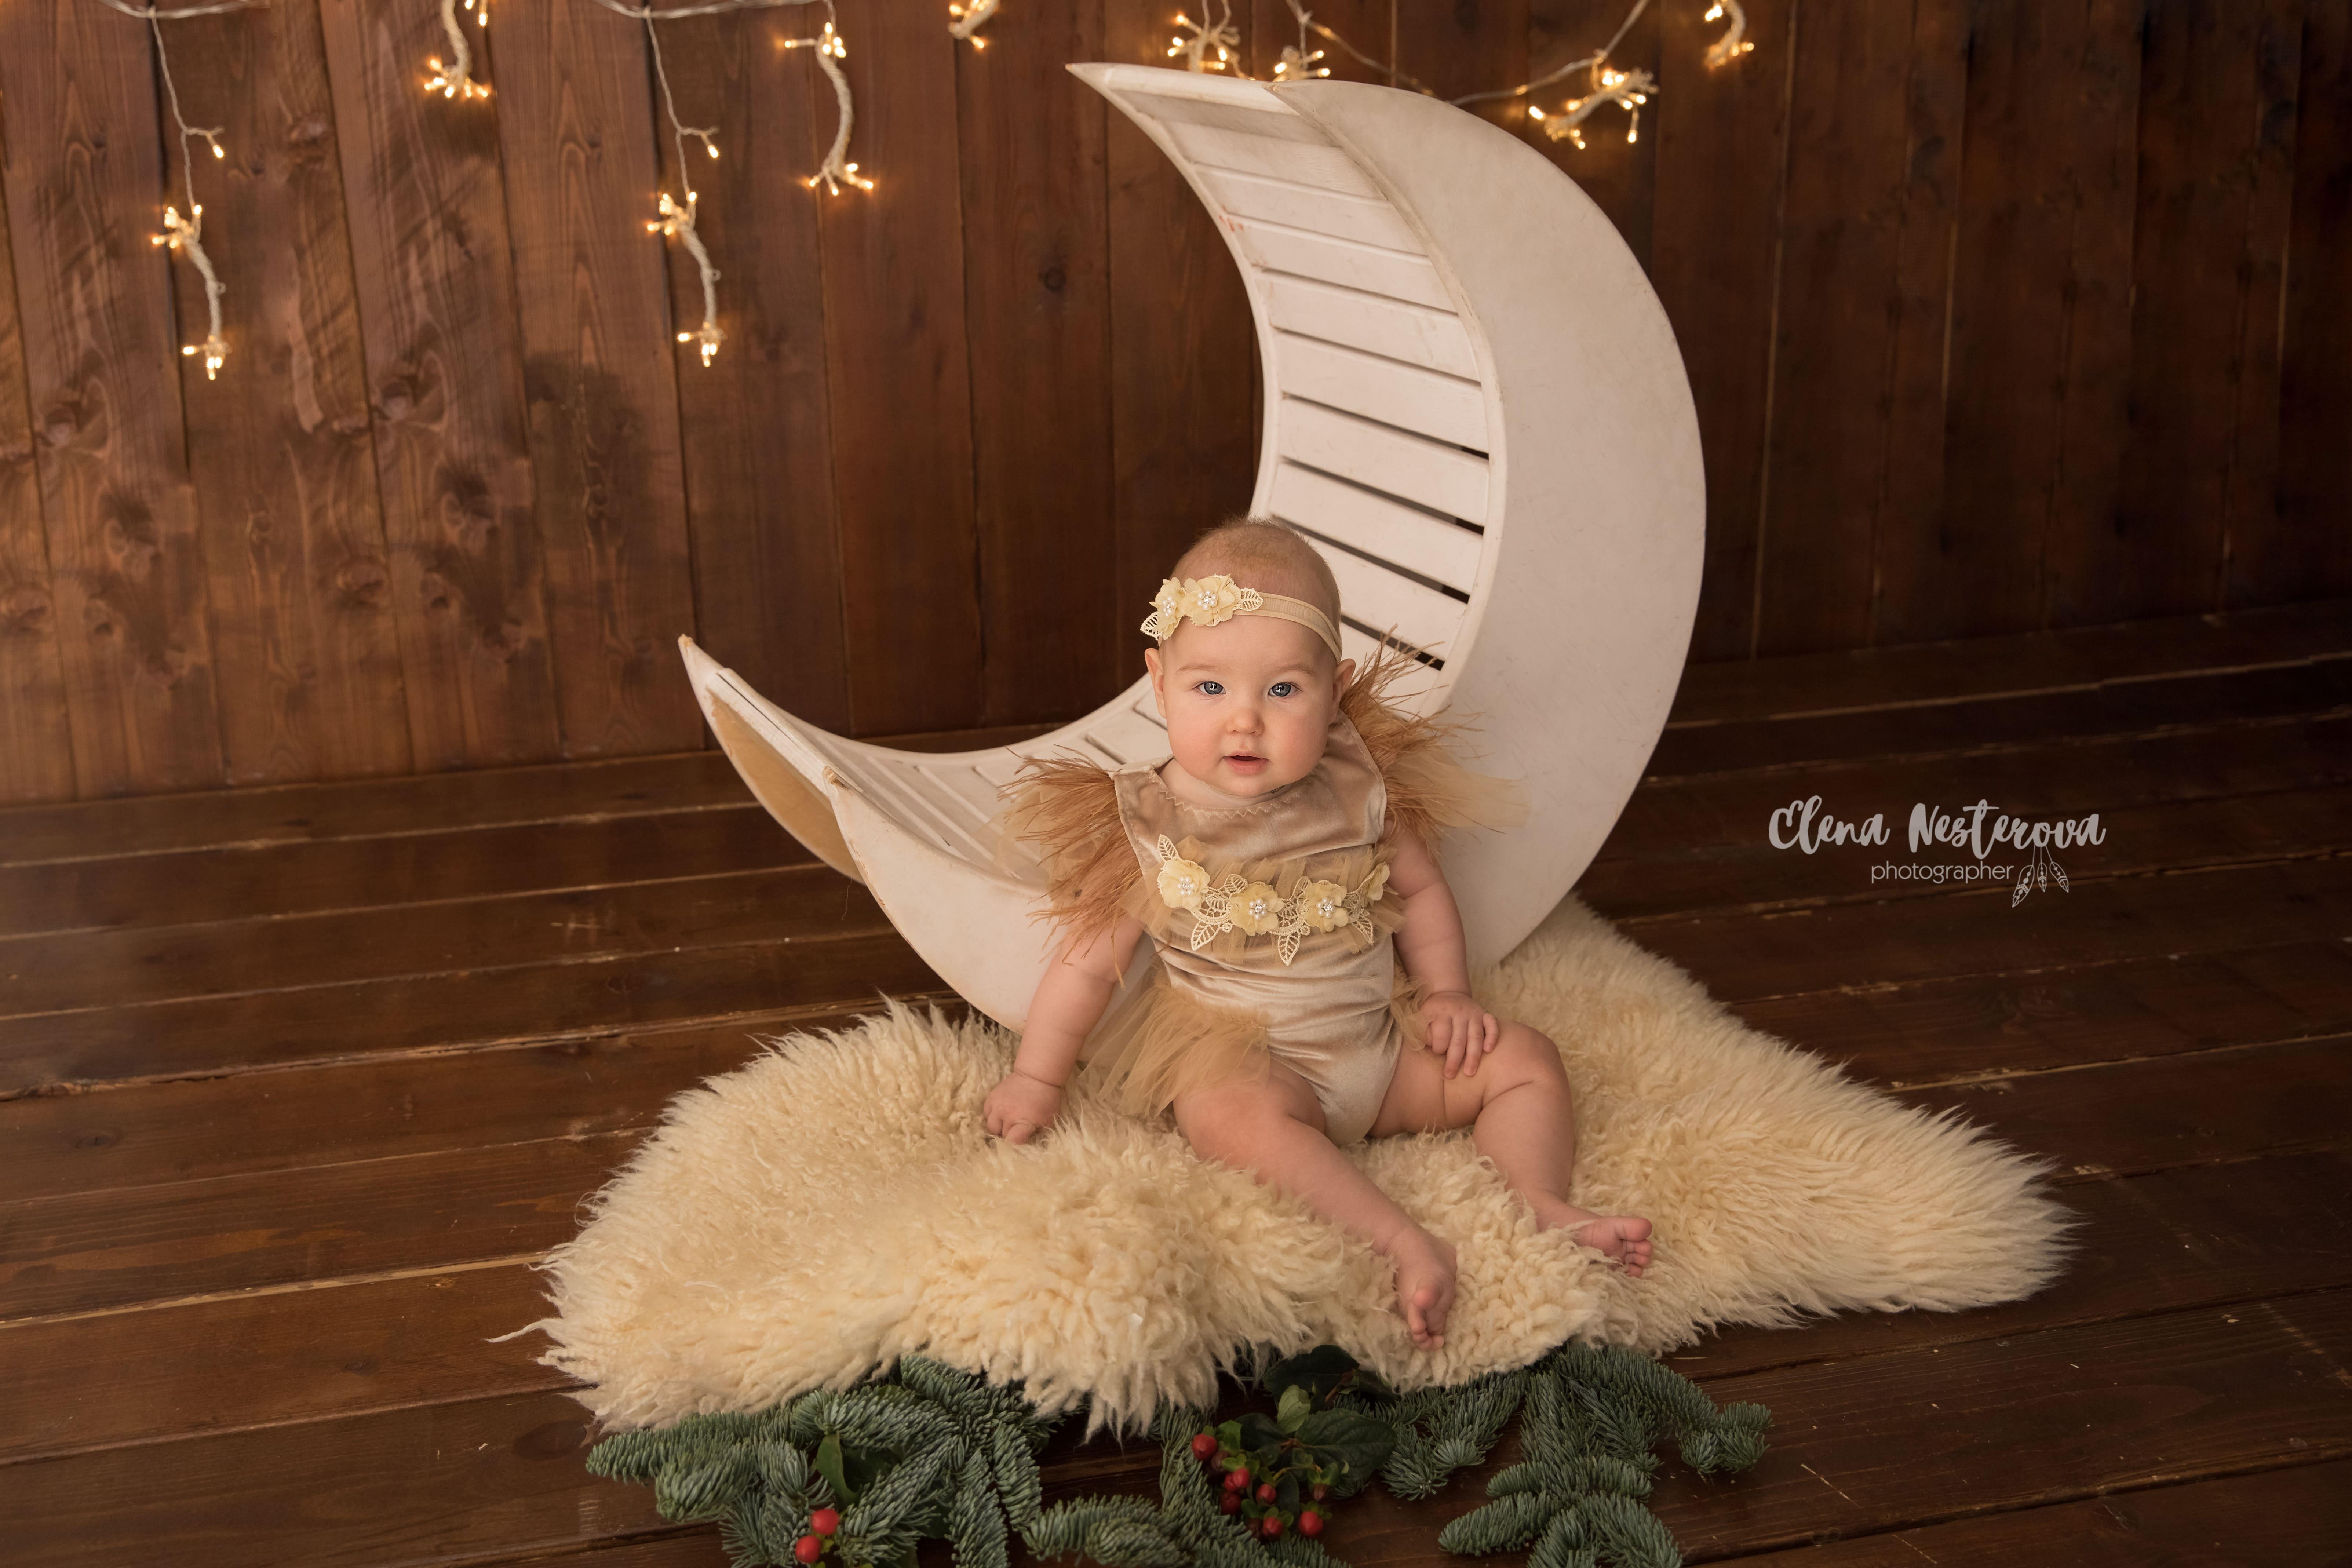 новогодняя фотосессия с младенцем